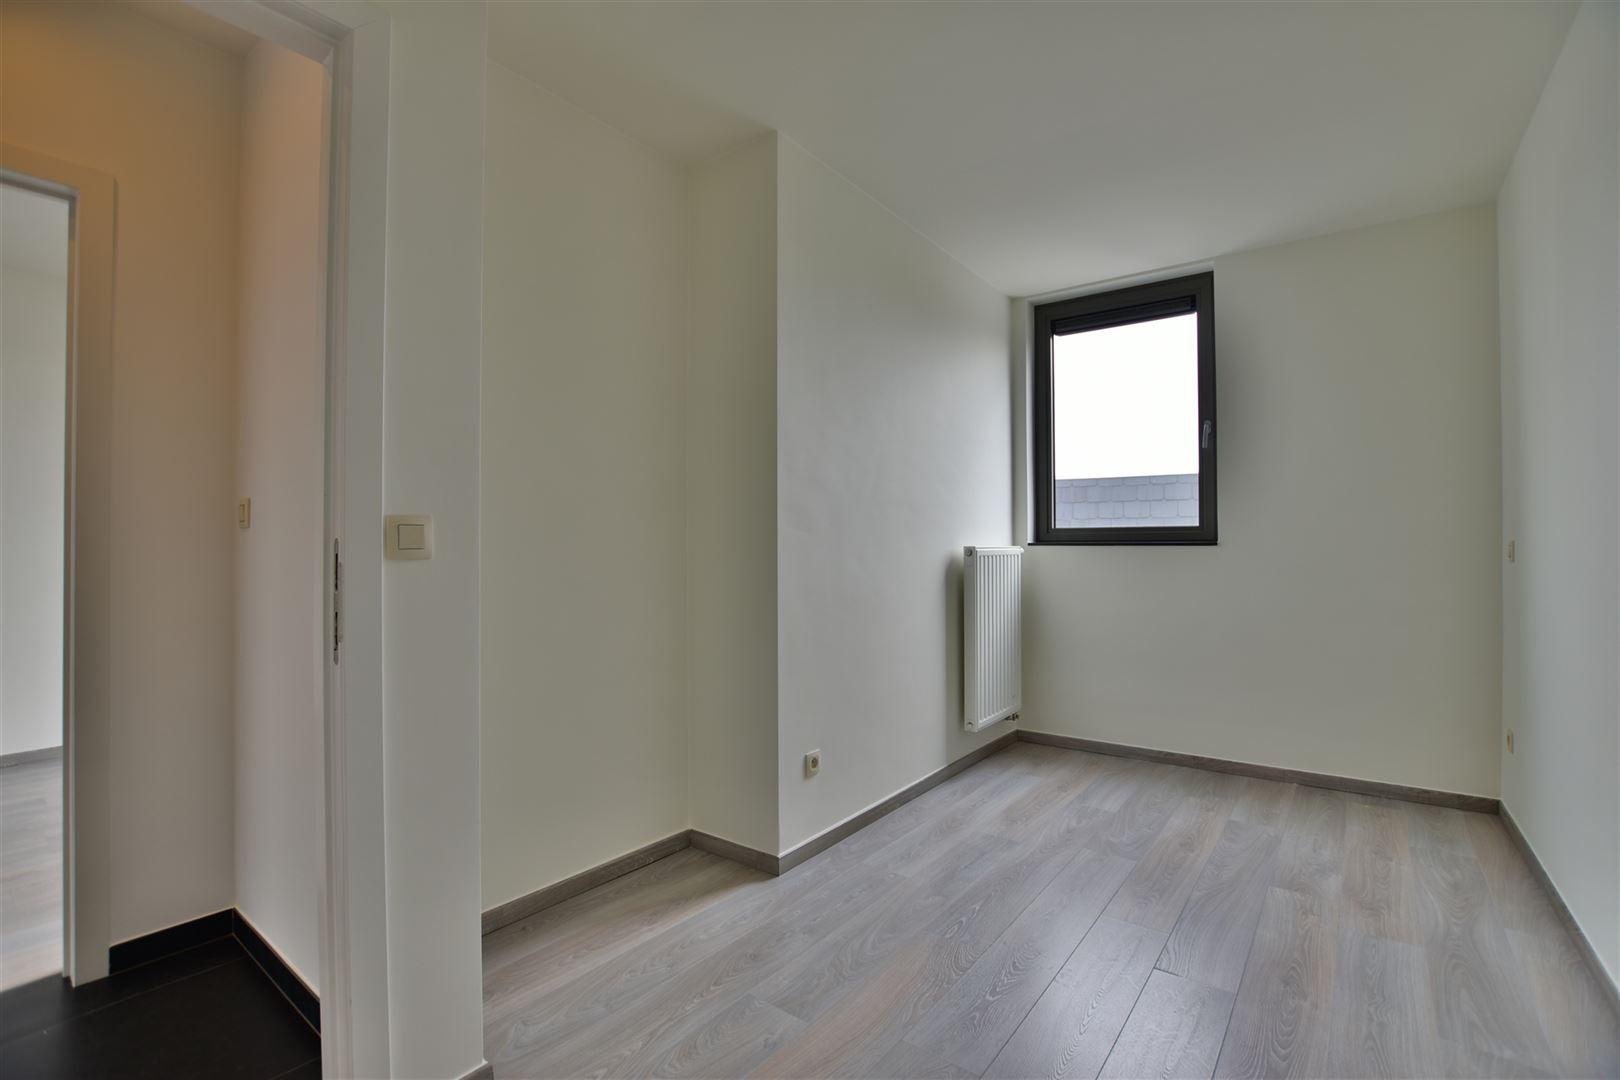 Foto 25 : Appartement te 9200 Sint-Gillis-bij-Dendermonde (België) - Prijs € 278.000